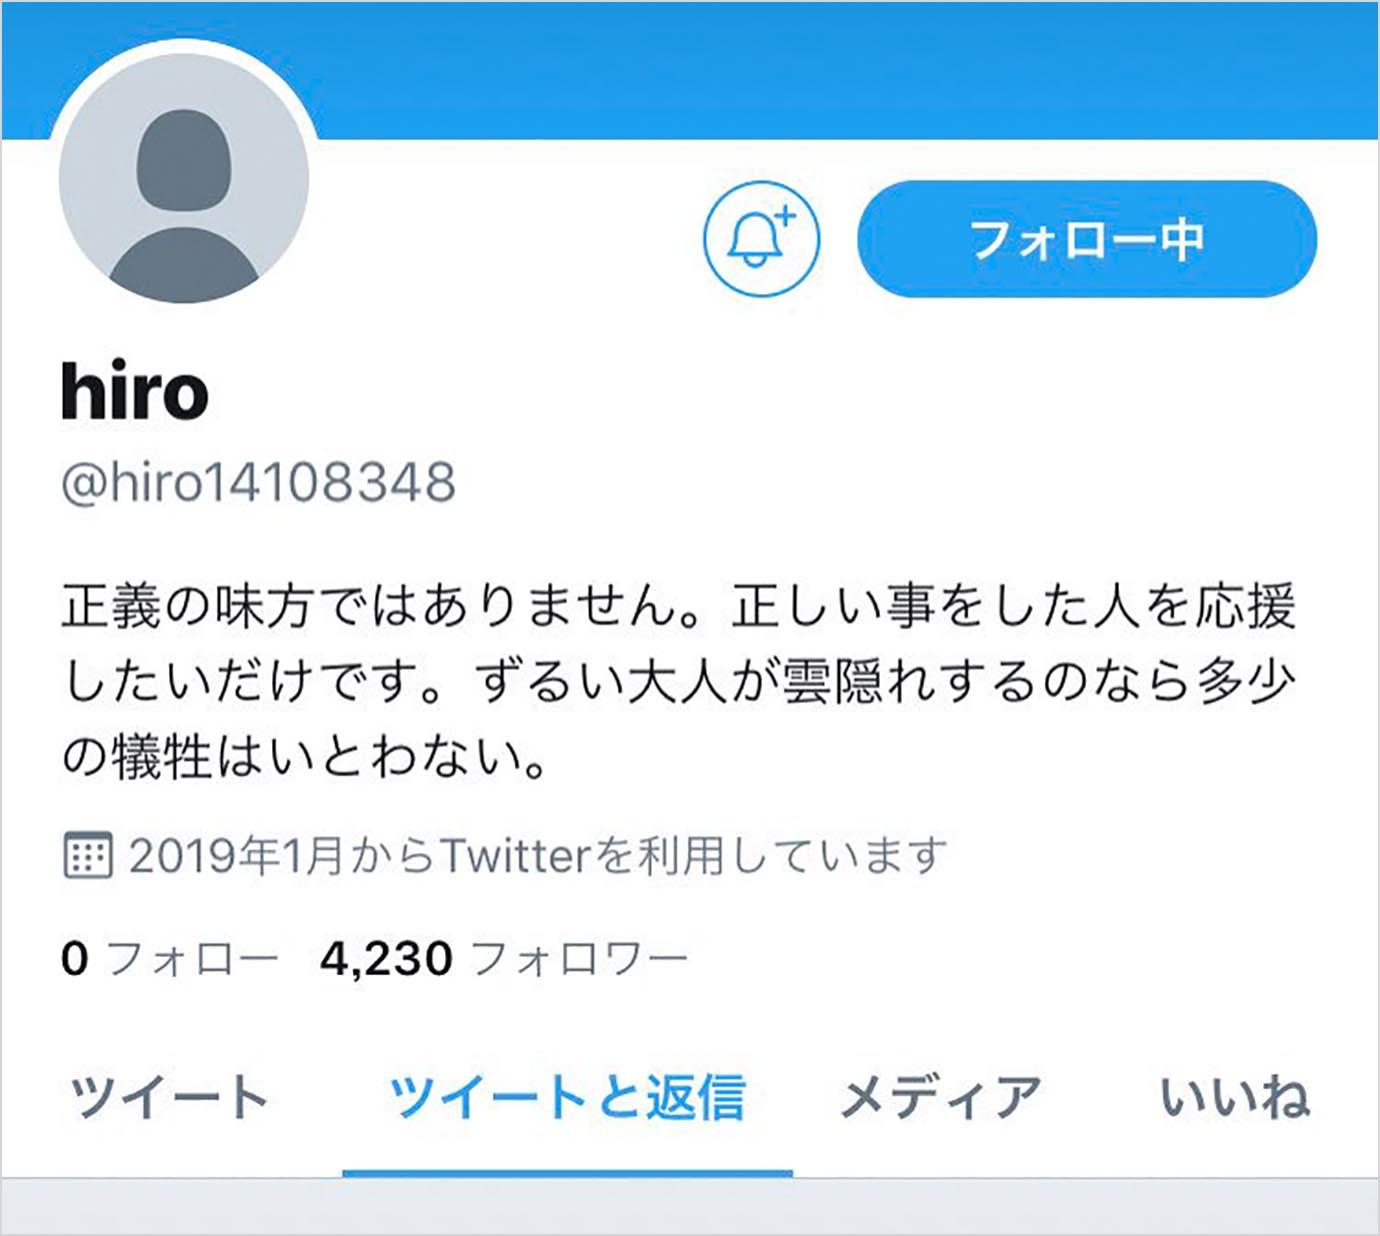 ngt48-yamaguchi-hiro1408348